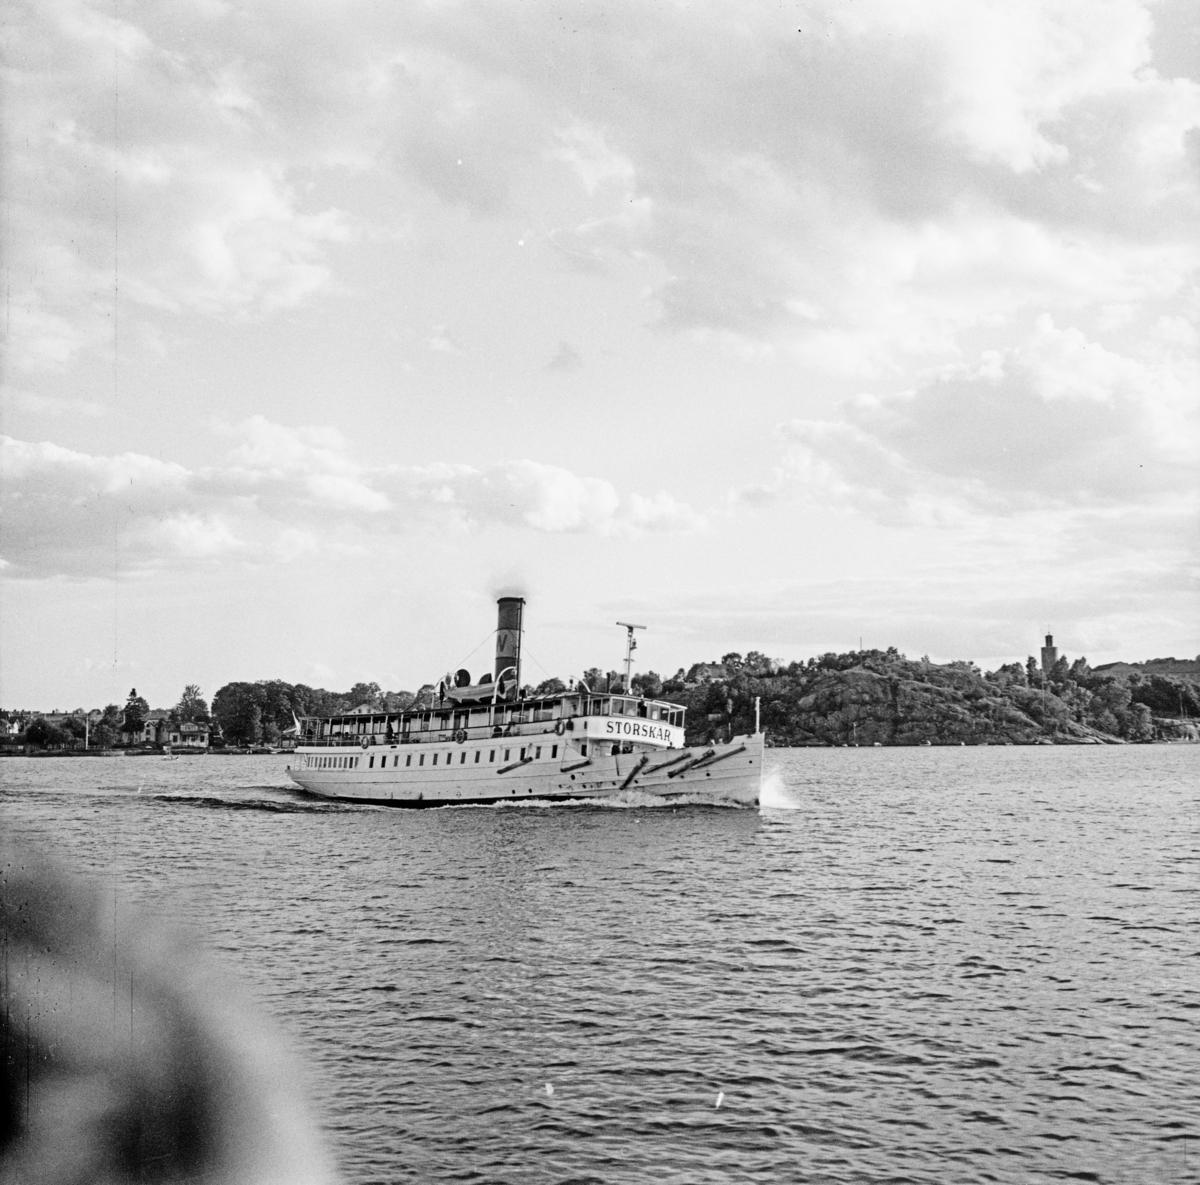 Fartyg: STORSKÄR                       Bredd över allt 6,99 meter Längd över allt 36,98 meter Reg. Nr.: 4882 Rederi: Waxholms Ångfartygs AB (1965-) Byggår: 1908 Varv: Lindholmens Verkstad Övrigt: Strängnäs Express(1908)=STORSKÄR(1940)